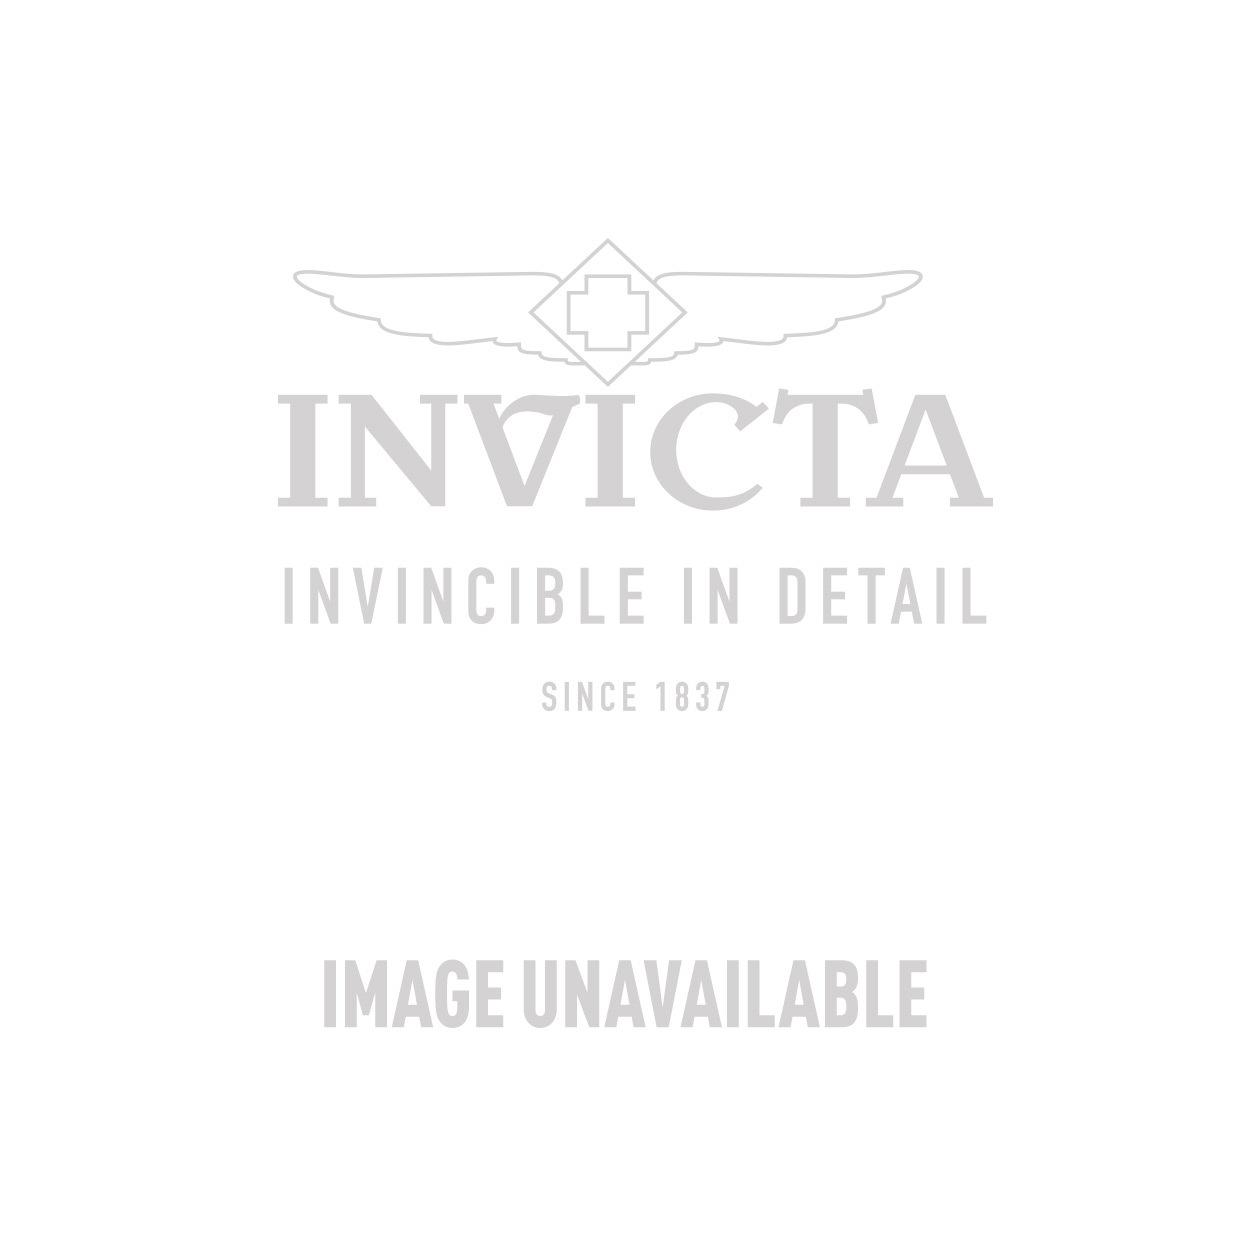 Invicta Model 24747